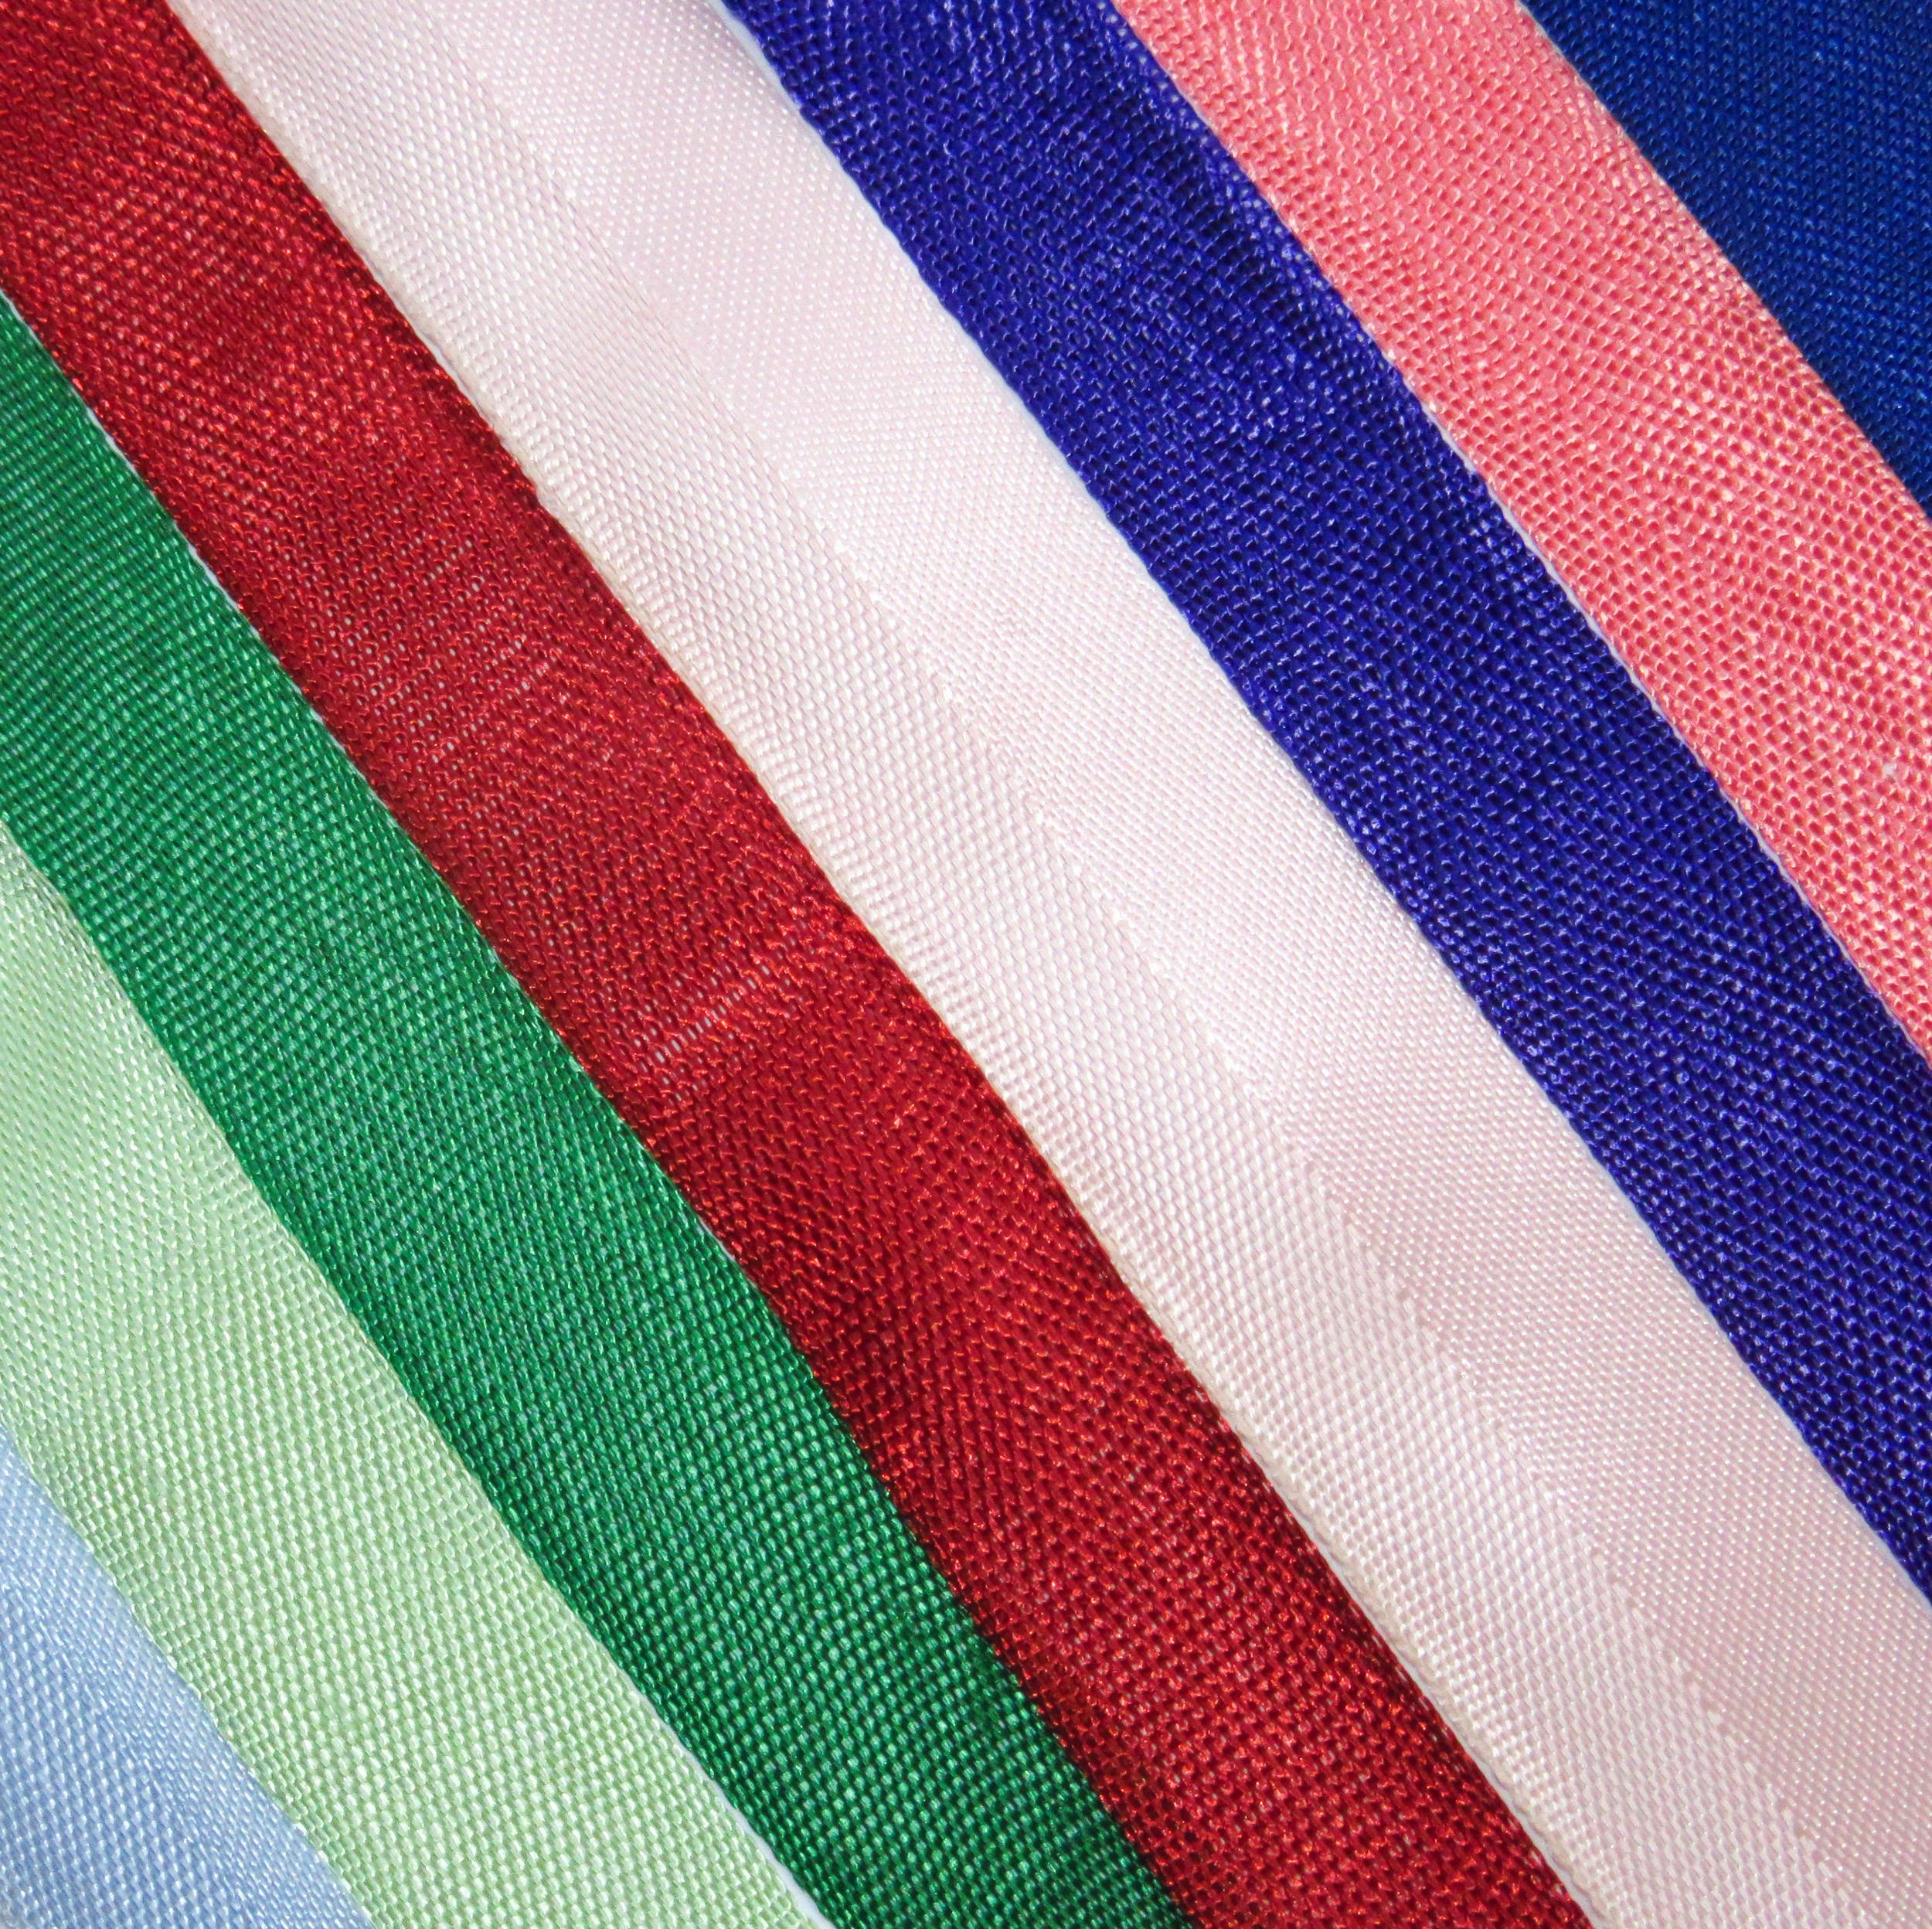 Ribbons for edge hems